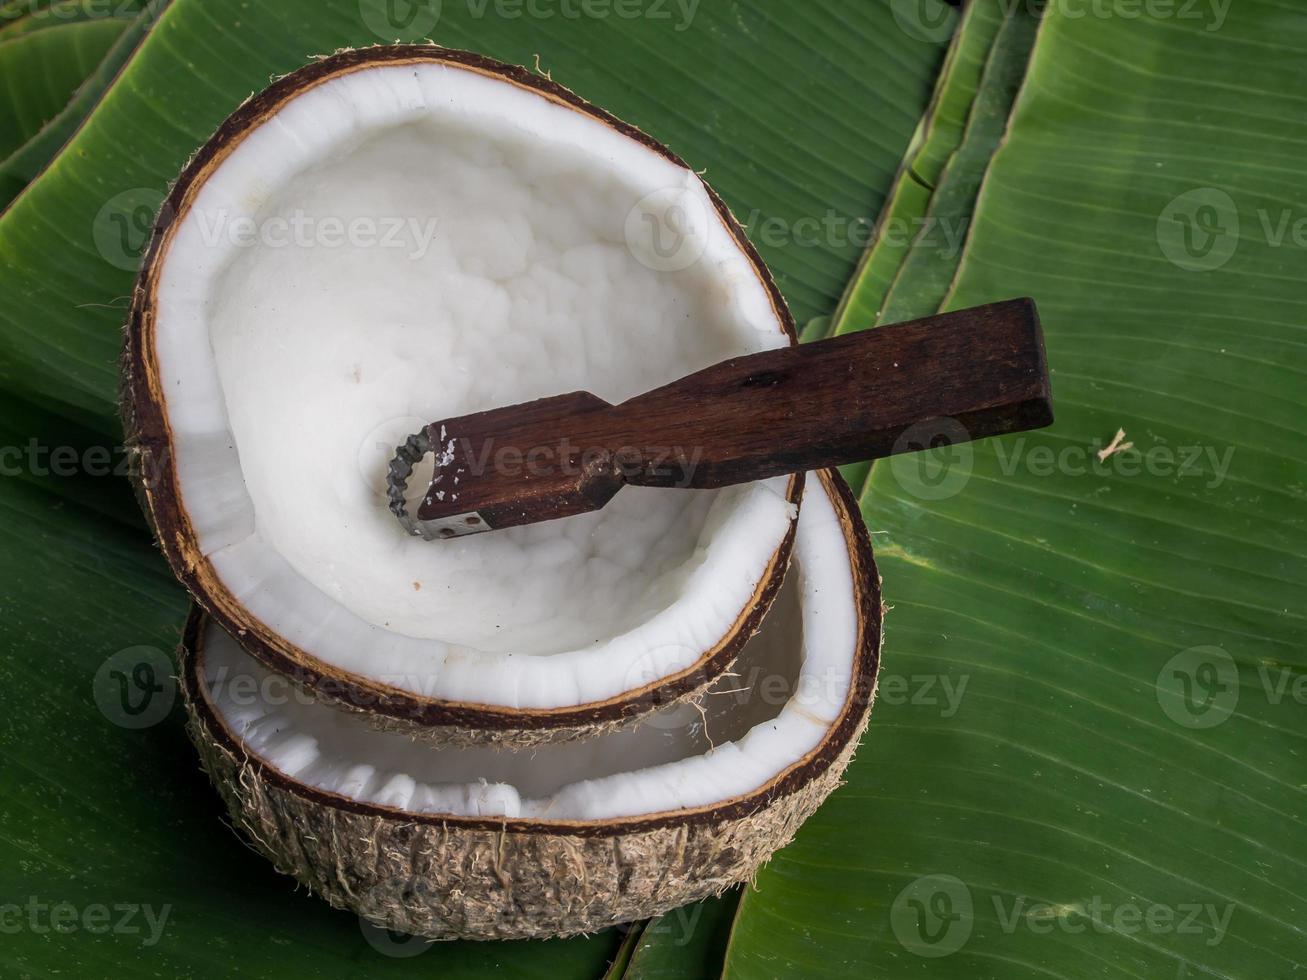 Coconut shell photo